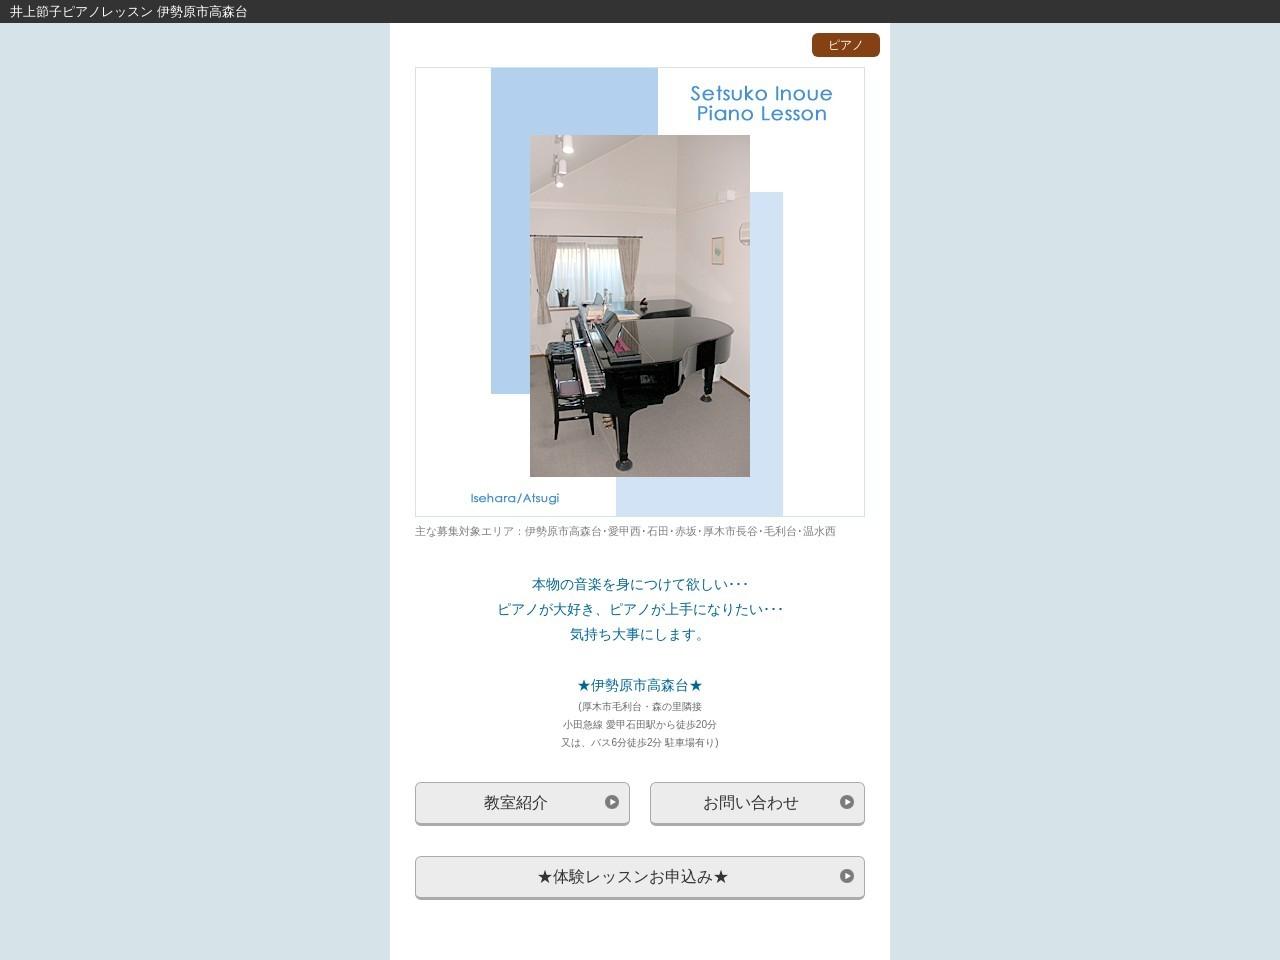 井上節子ピアノレッスンのサムネイル